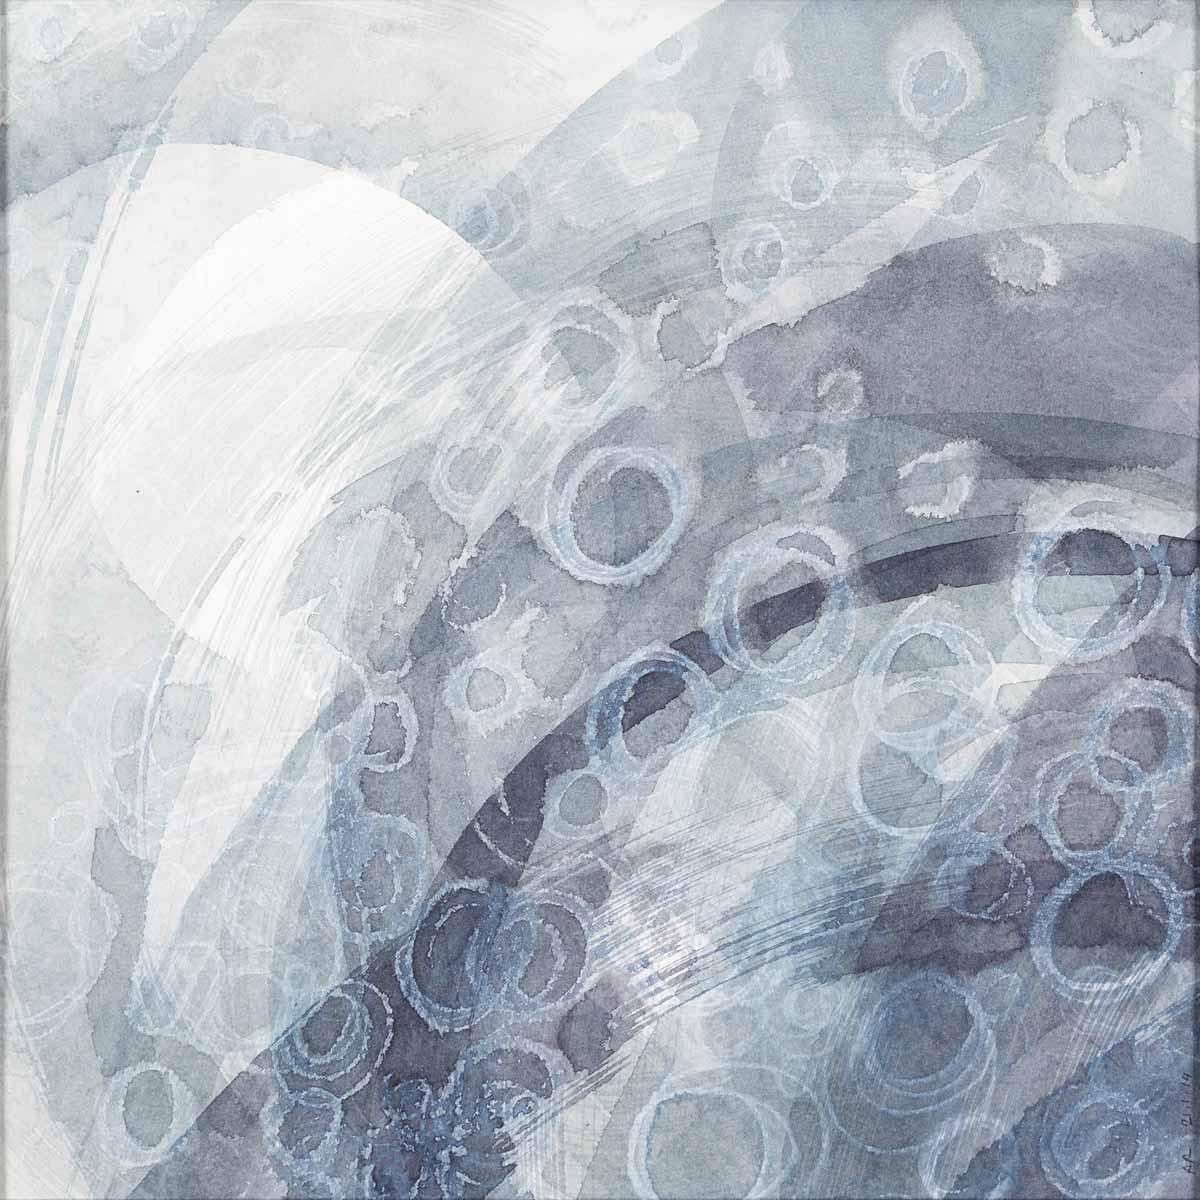 30 x 30 cm, aquarelle et crayons sur papier. En collaboration avec Marina Salzmann, textes. 21 jan 14